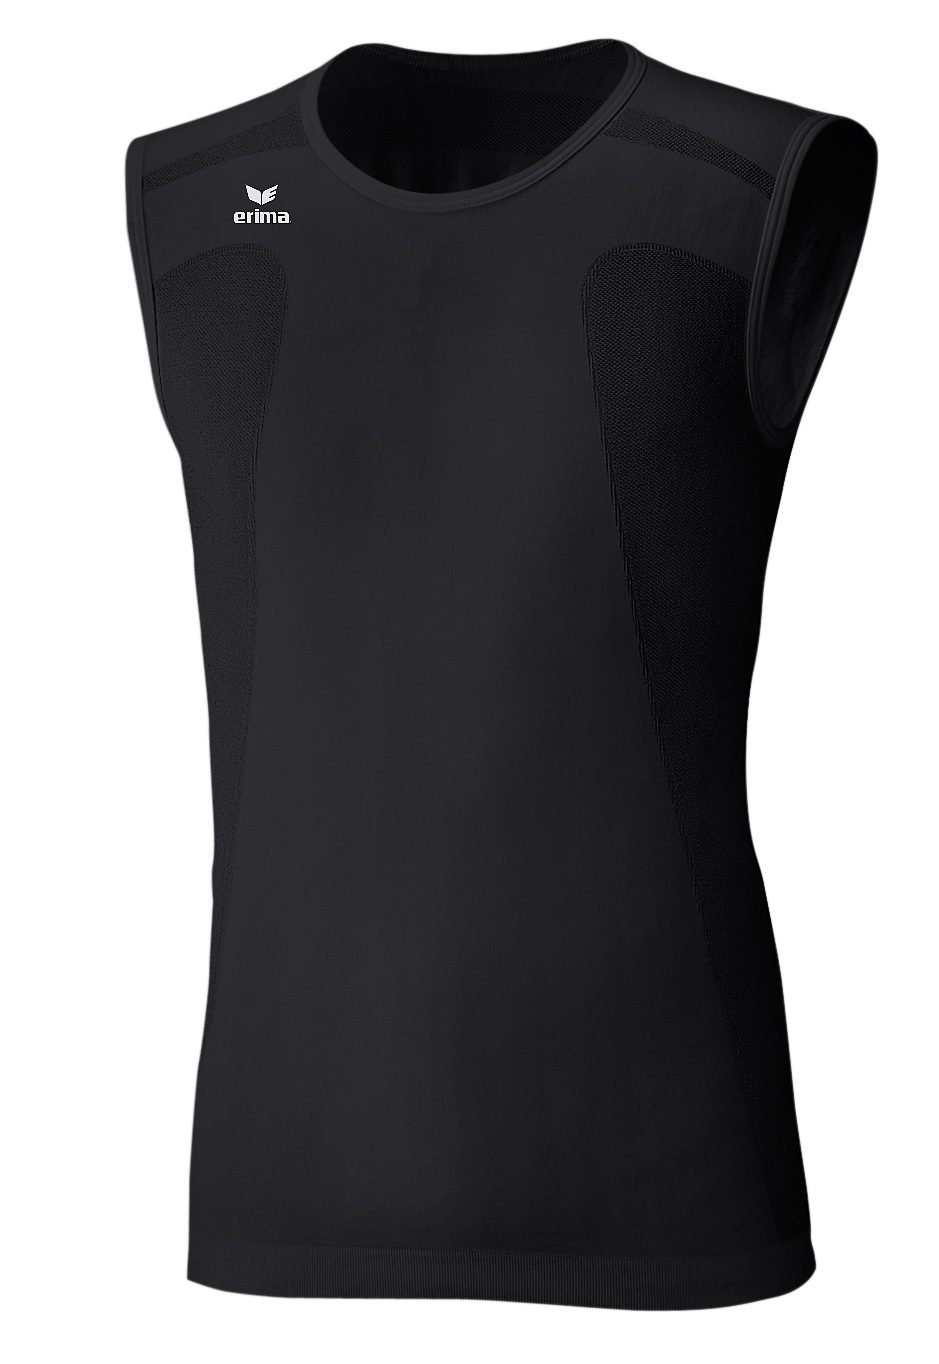 Kaufen Herren Underwear Erima Tank Top Support bf6ygY7